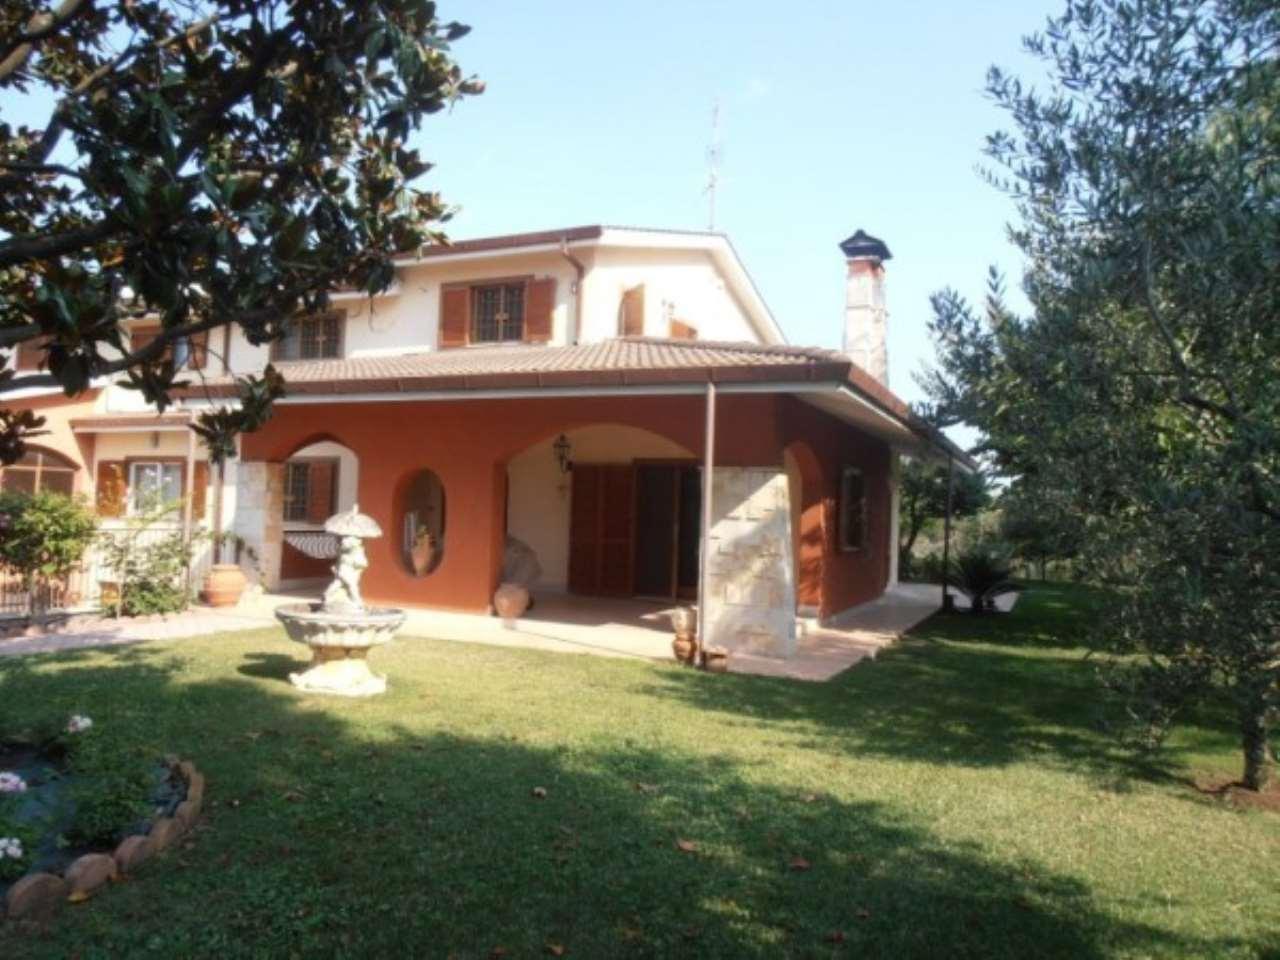 Villa in vendita a Ariccia, 6 locali, prezzo € 439.000 | CambioCasa.it